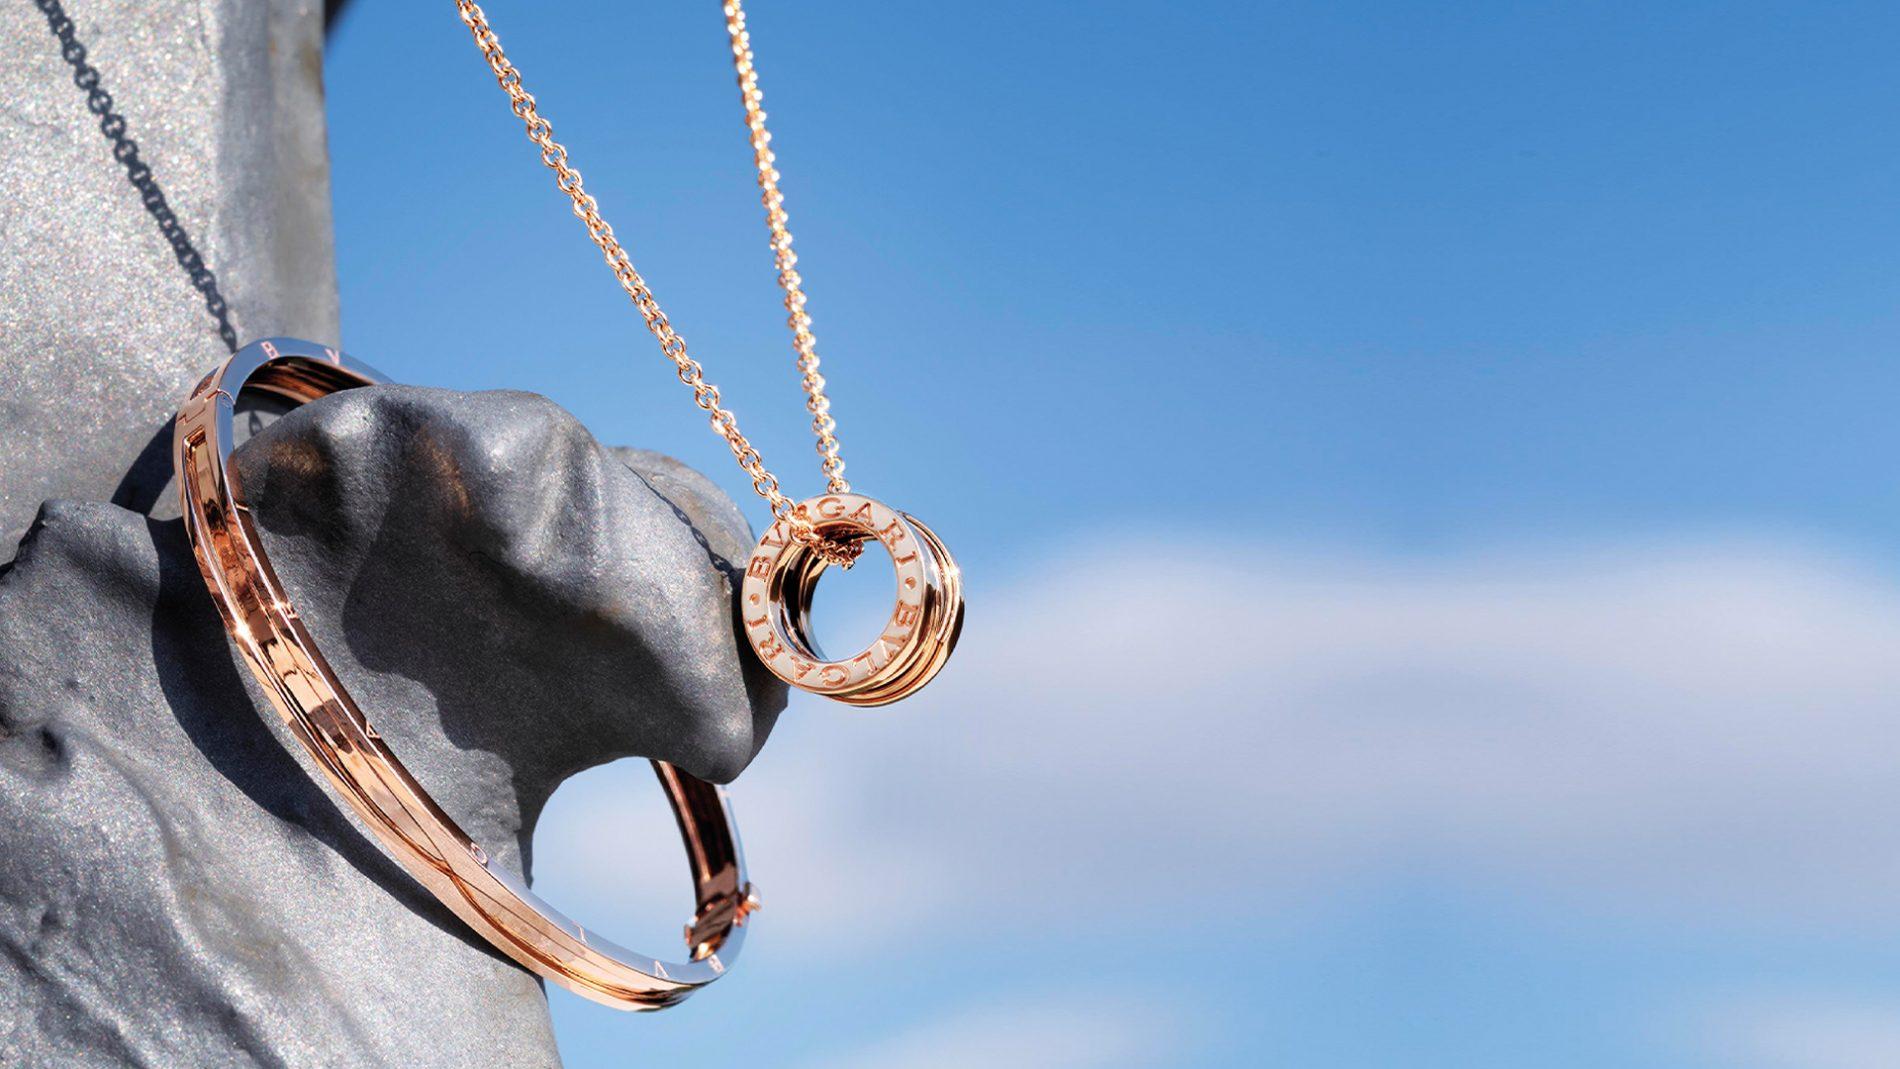 El Corte Inglés Luxury Jewelry Bulgari B.zero1 Ring Necklace